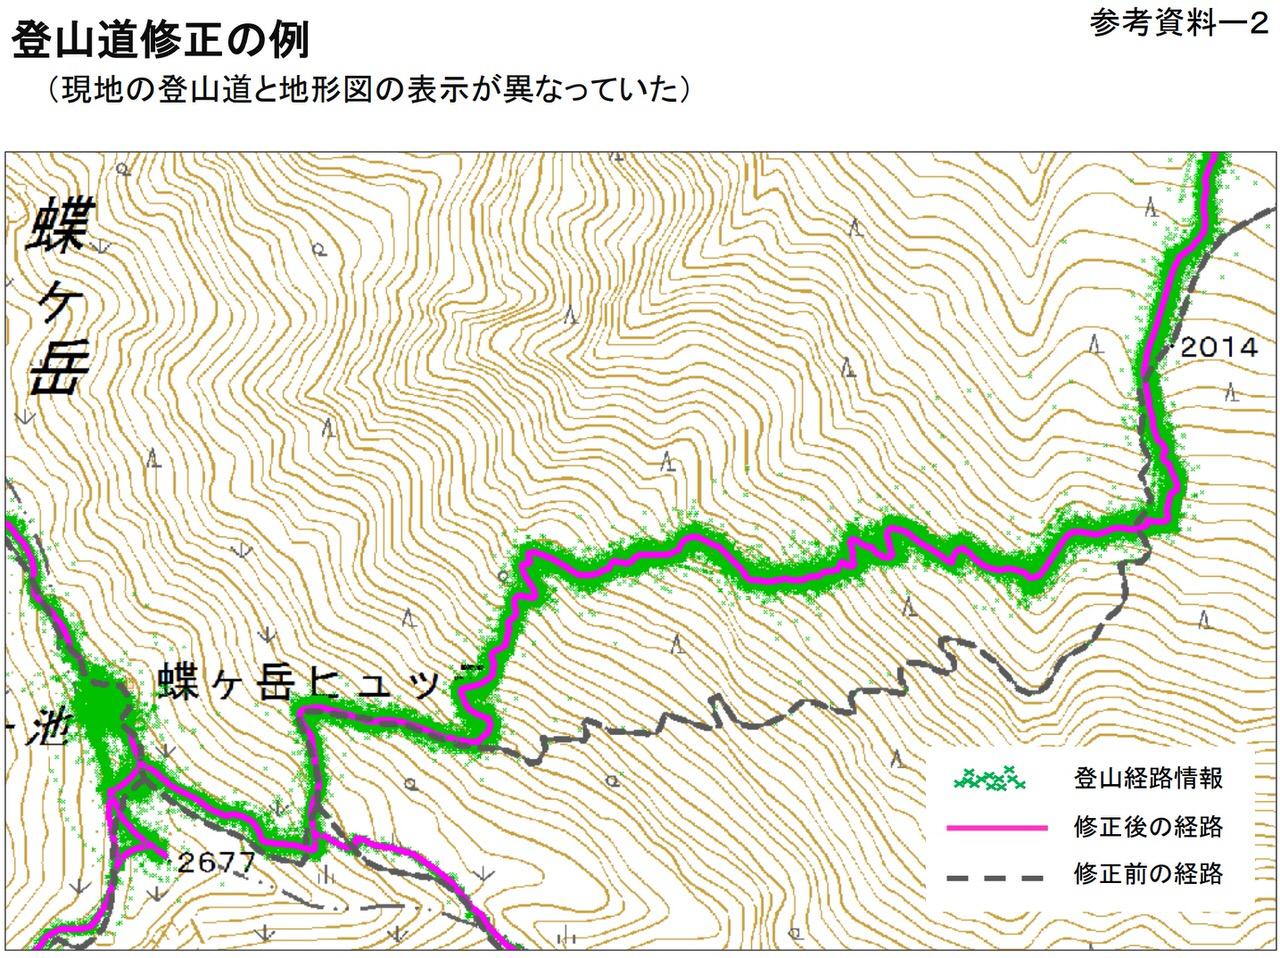 国土地理院、ビッグデータで登山道を修正した地形図をはじめて公開